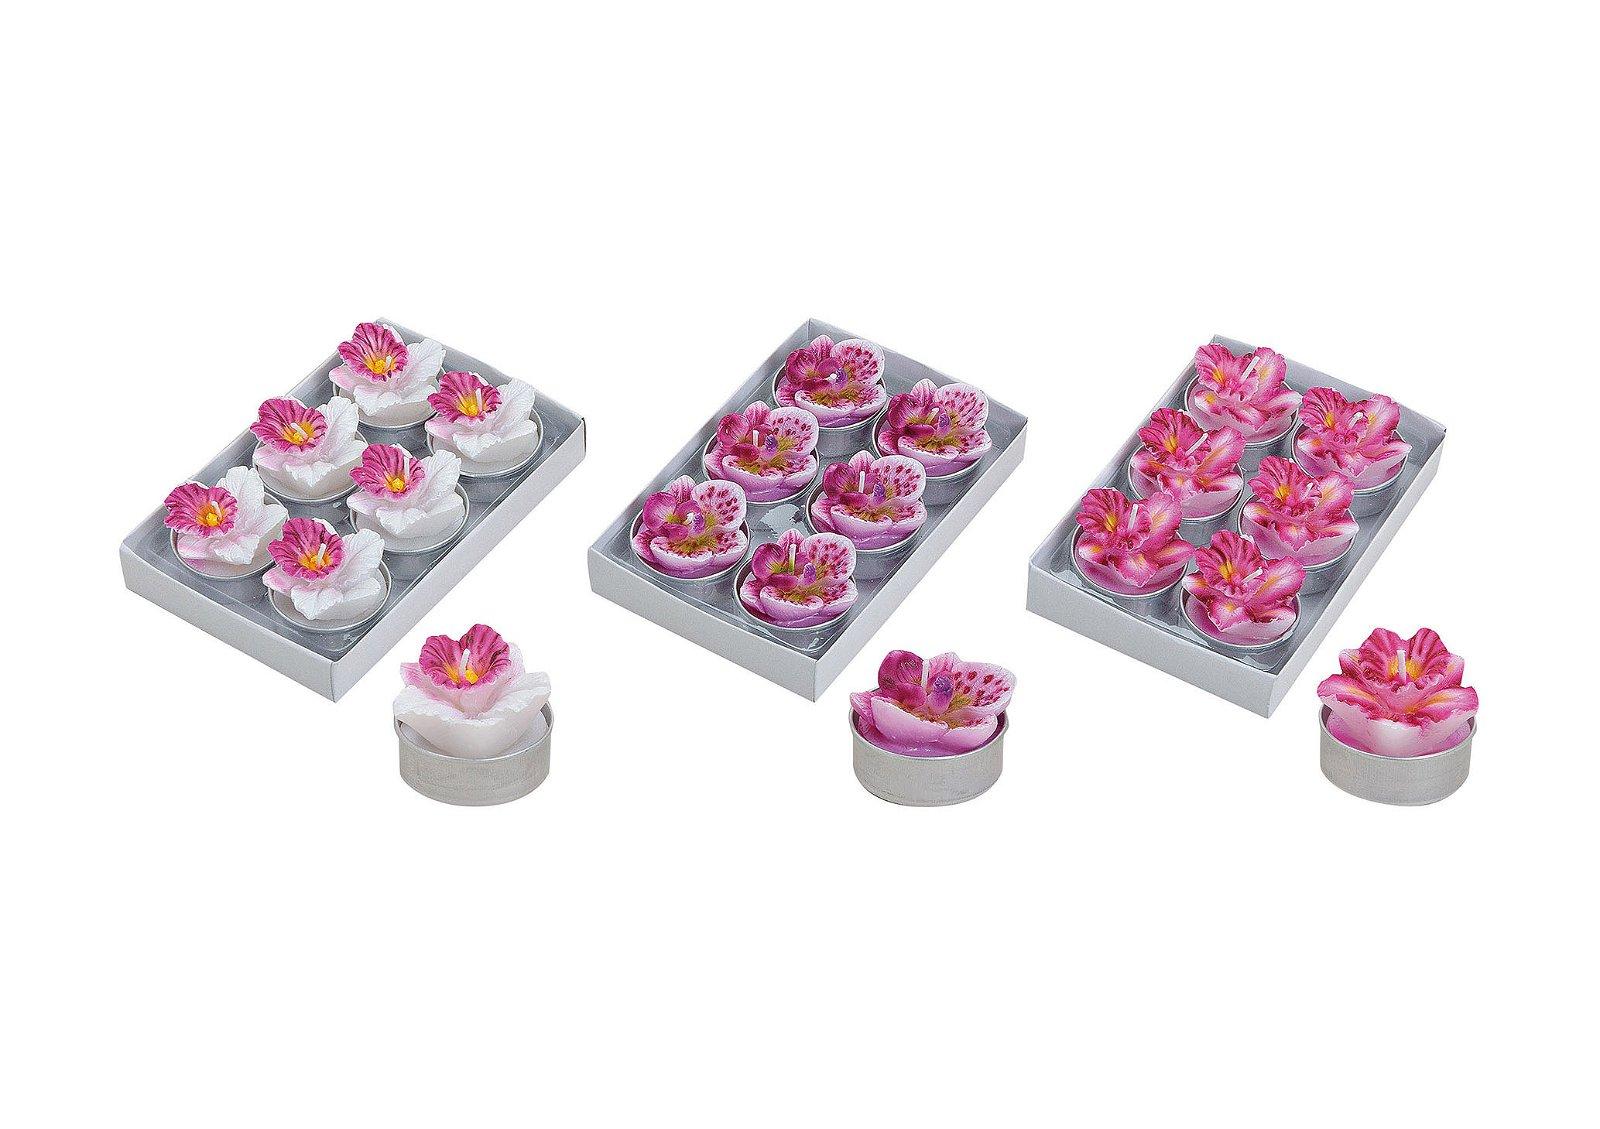 TEALIGHT-SET ORCHID 6 PCS. 3-ASS. 3X4 CM}